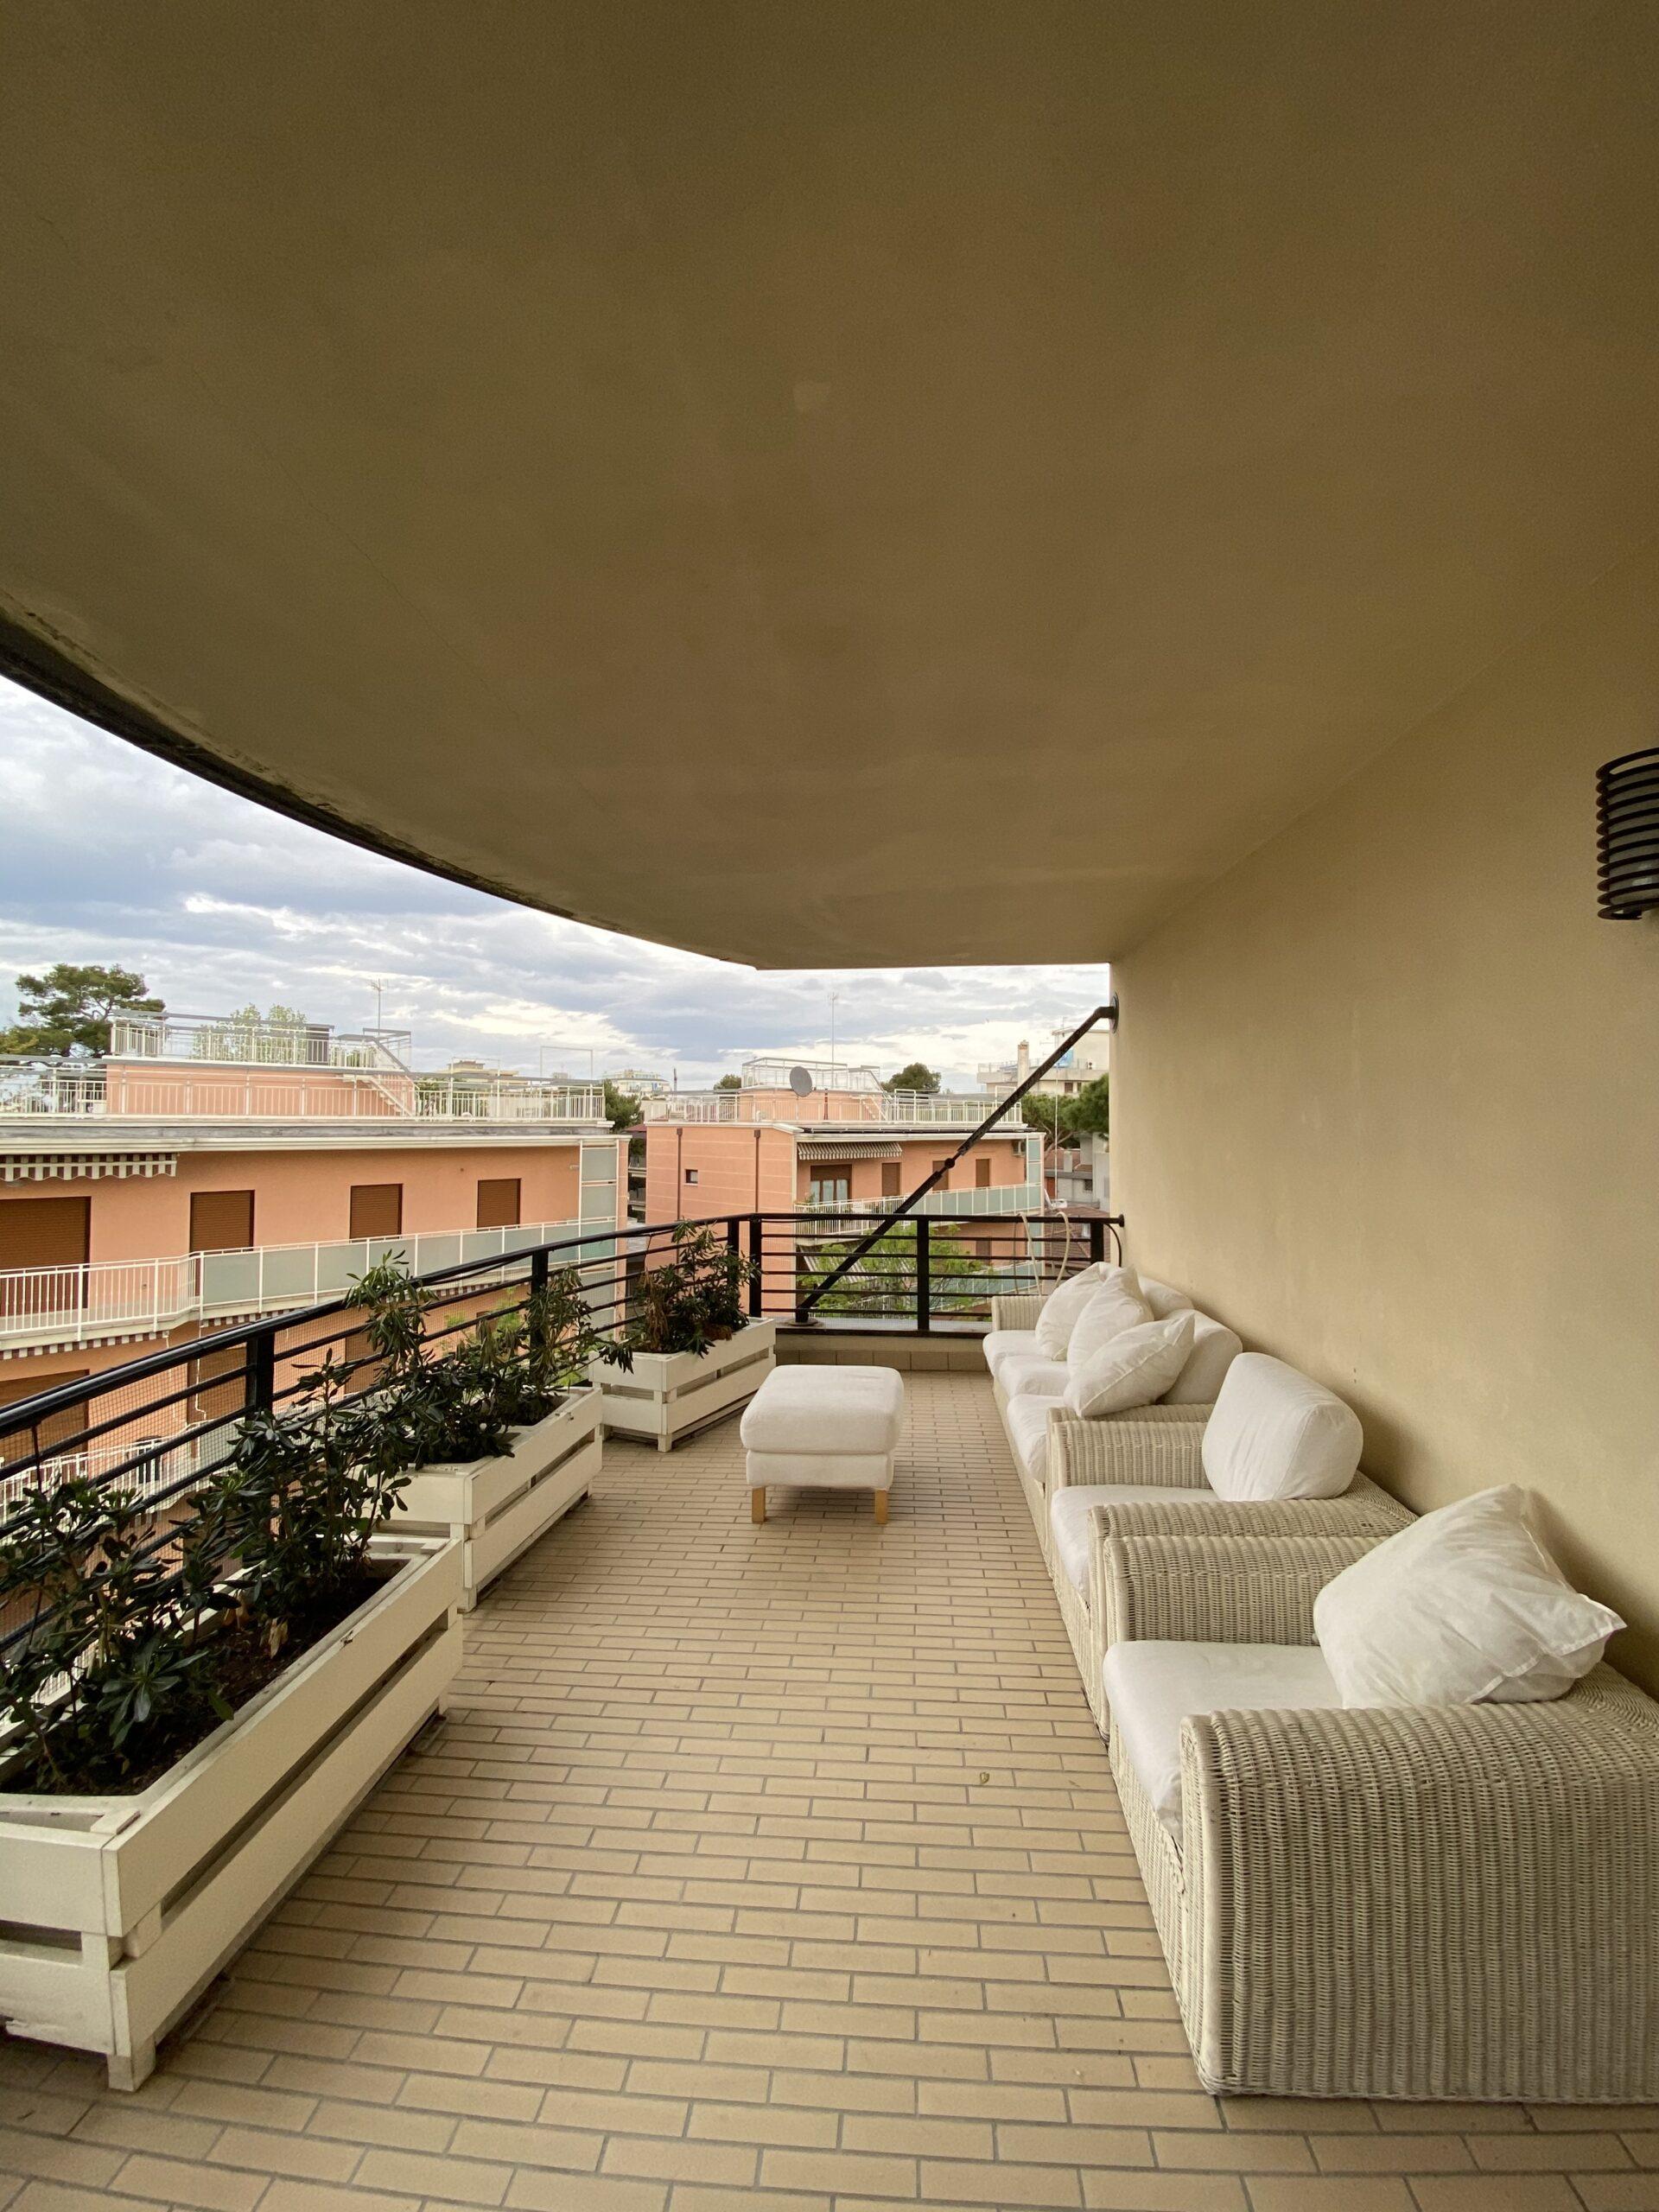 RICCIONE CENTRO,  Appartamento con favoloso terrazzo abitabile in affittO STAGIONALE